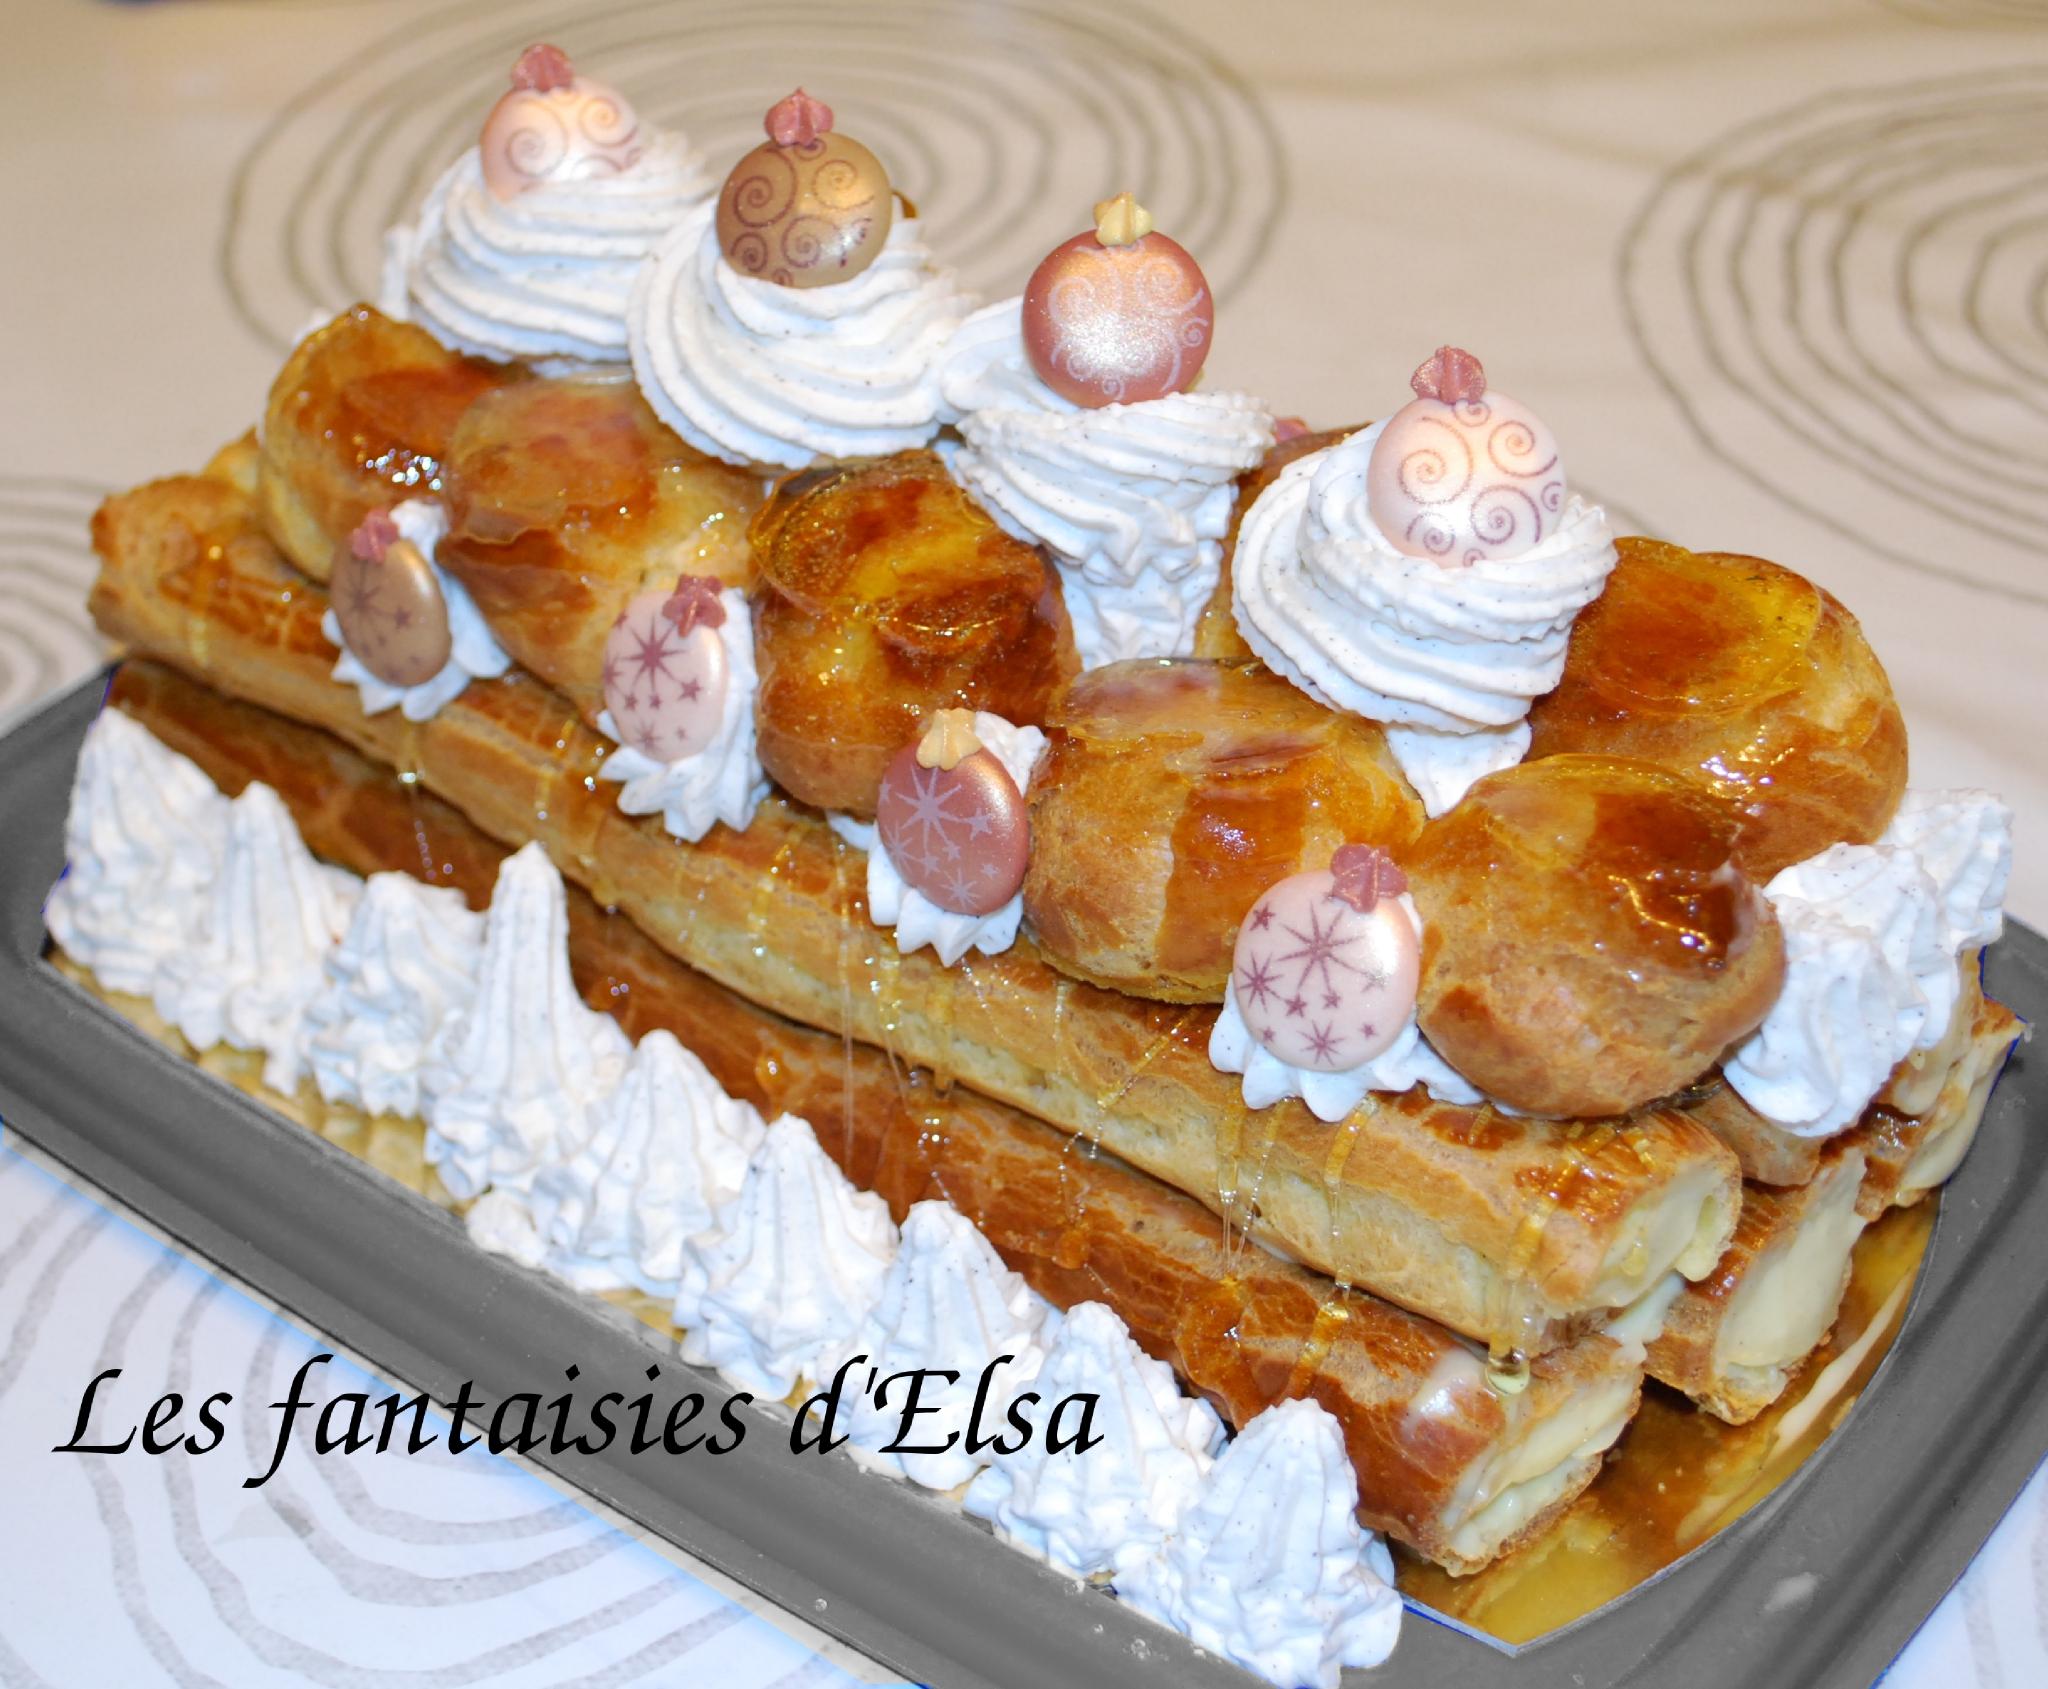 B che type saint honor les fantaisies gourmandes d 39 elsa - Petit plat en equilibre buche de noel ...